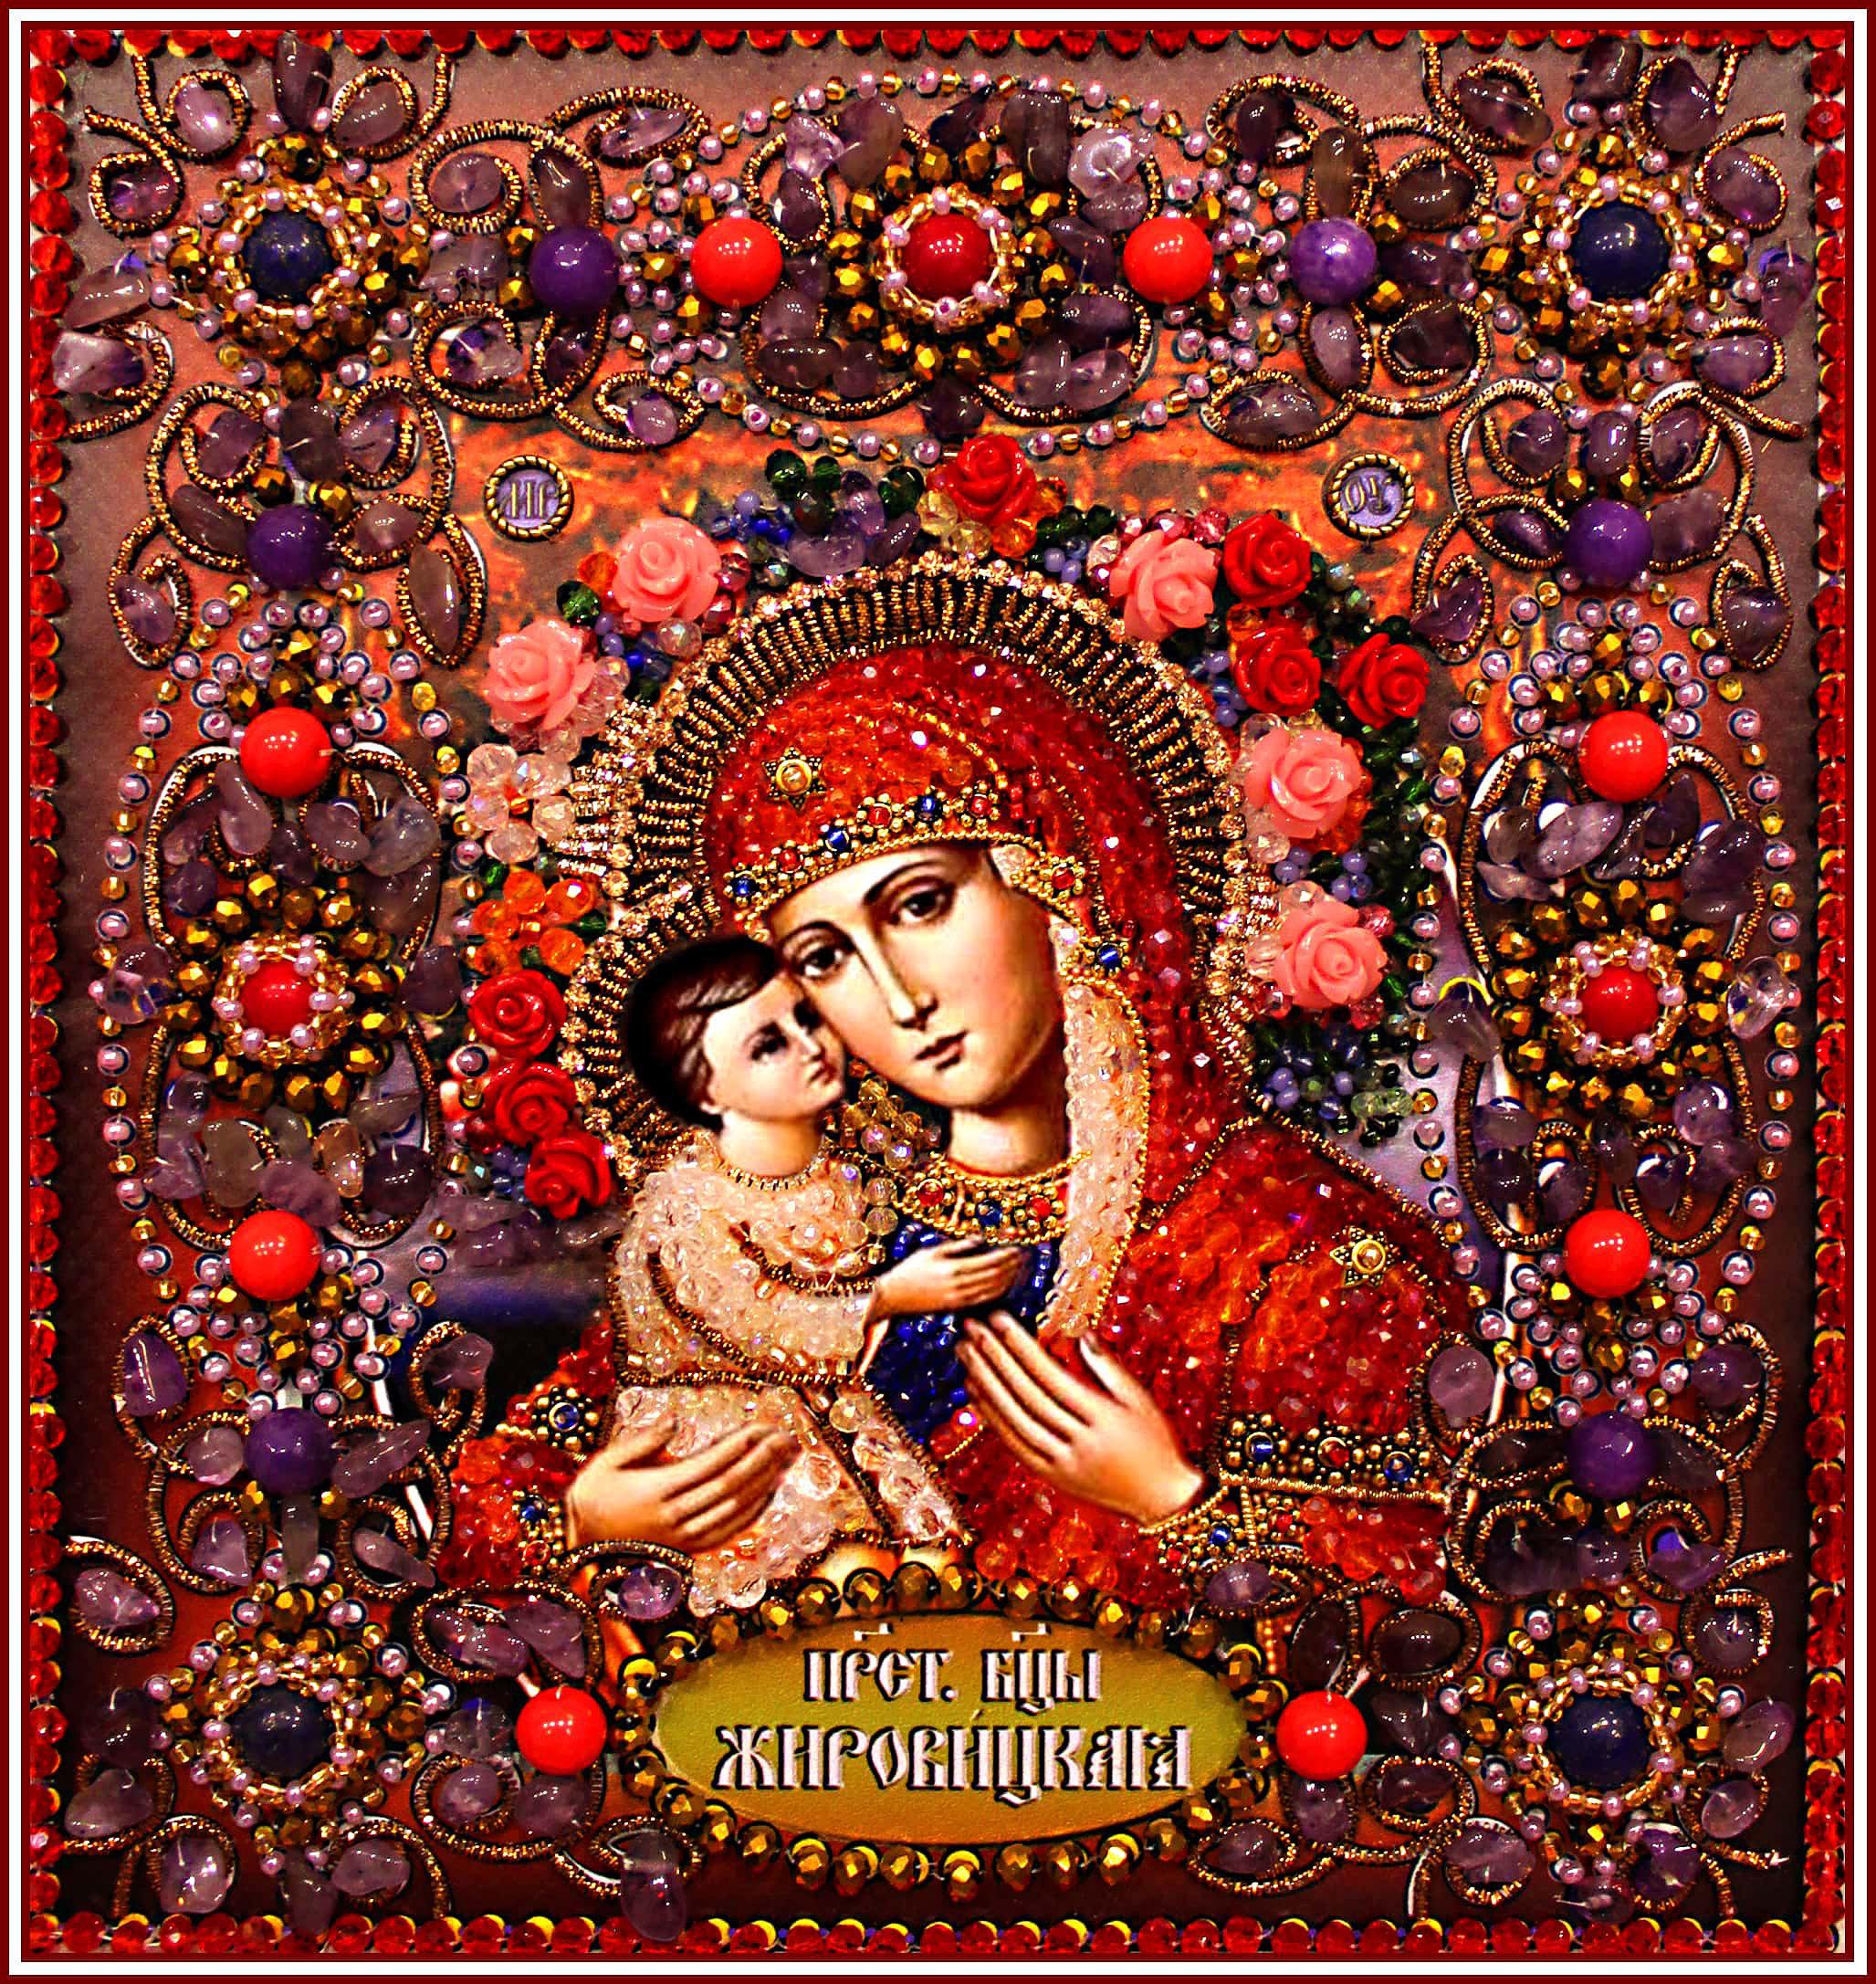 Образа в каменьях икона Богородица Жировицкая арт. 77-ц-08